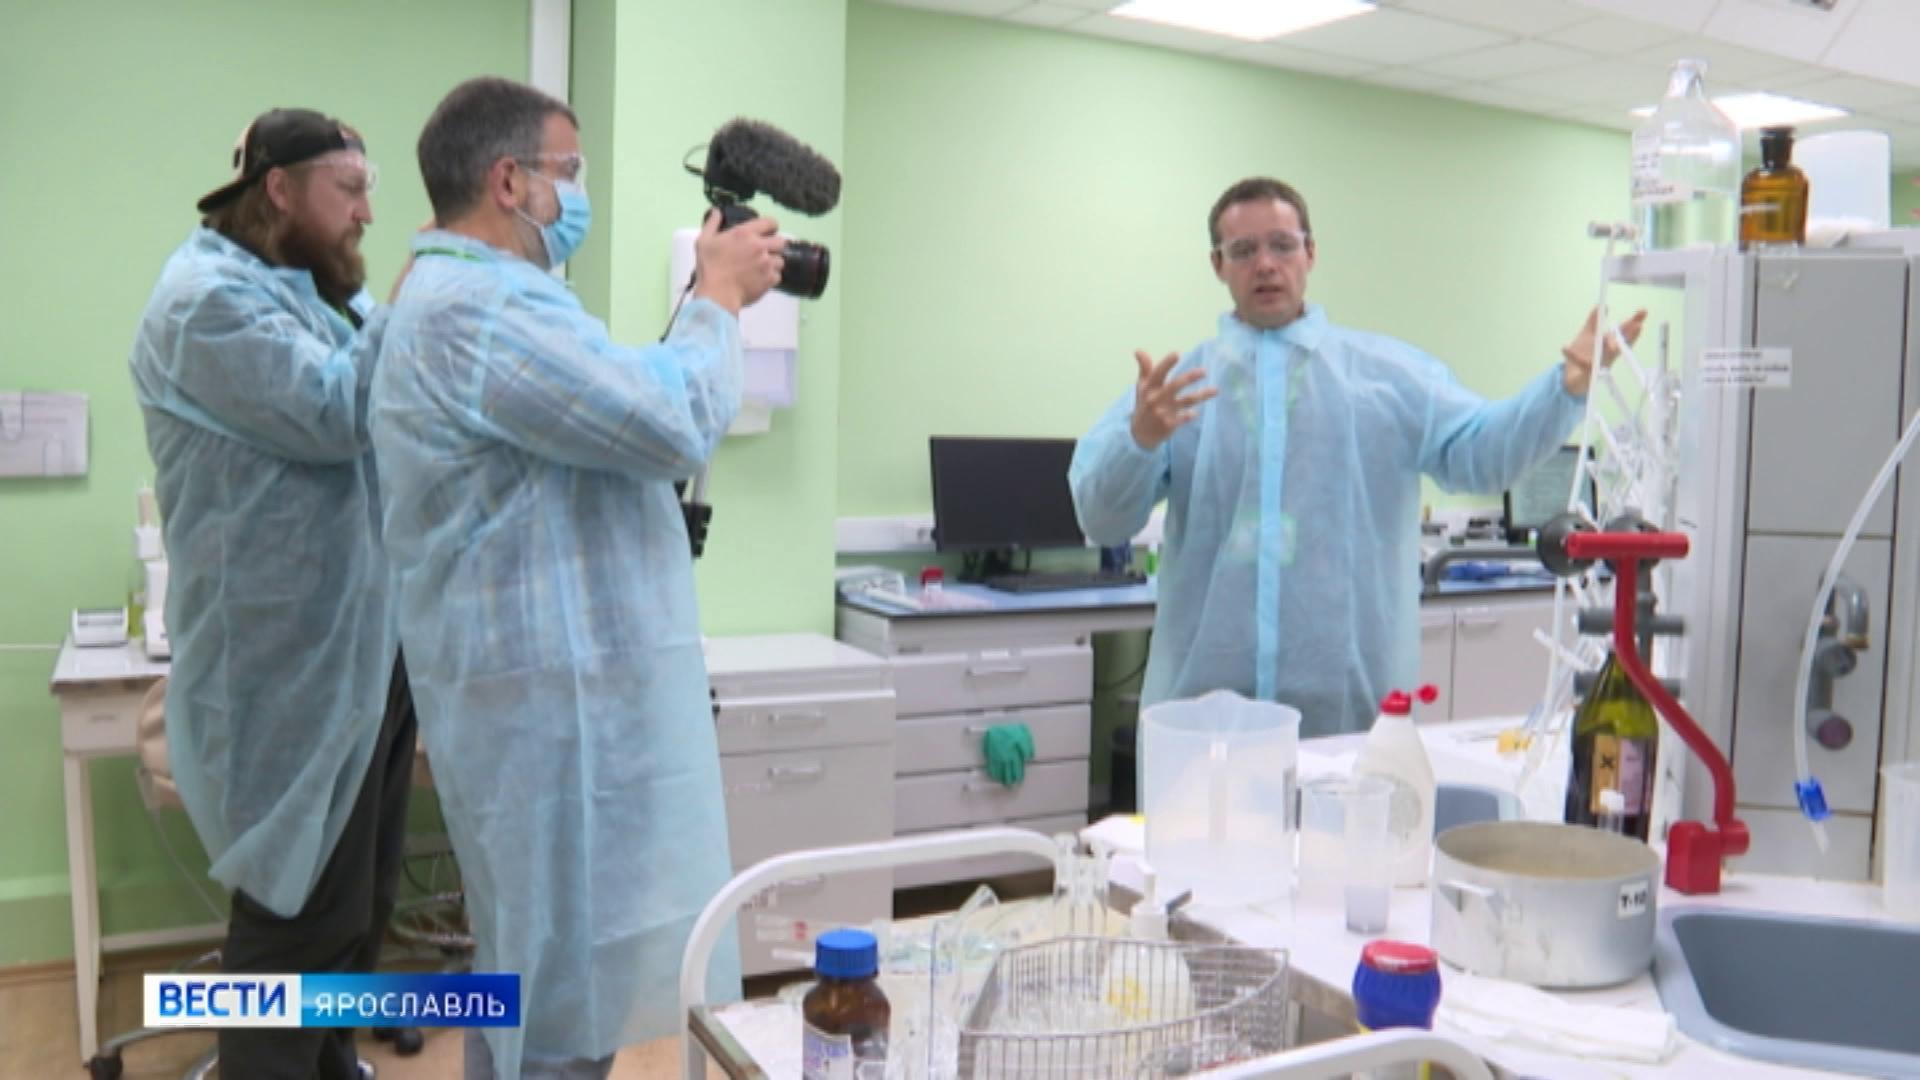 Они узнают о работе над вакциной от коронавируса: в Россию прилетела съемочная группа из Уругвая